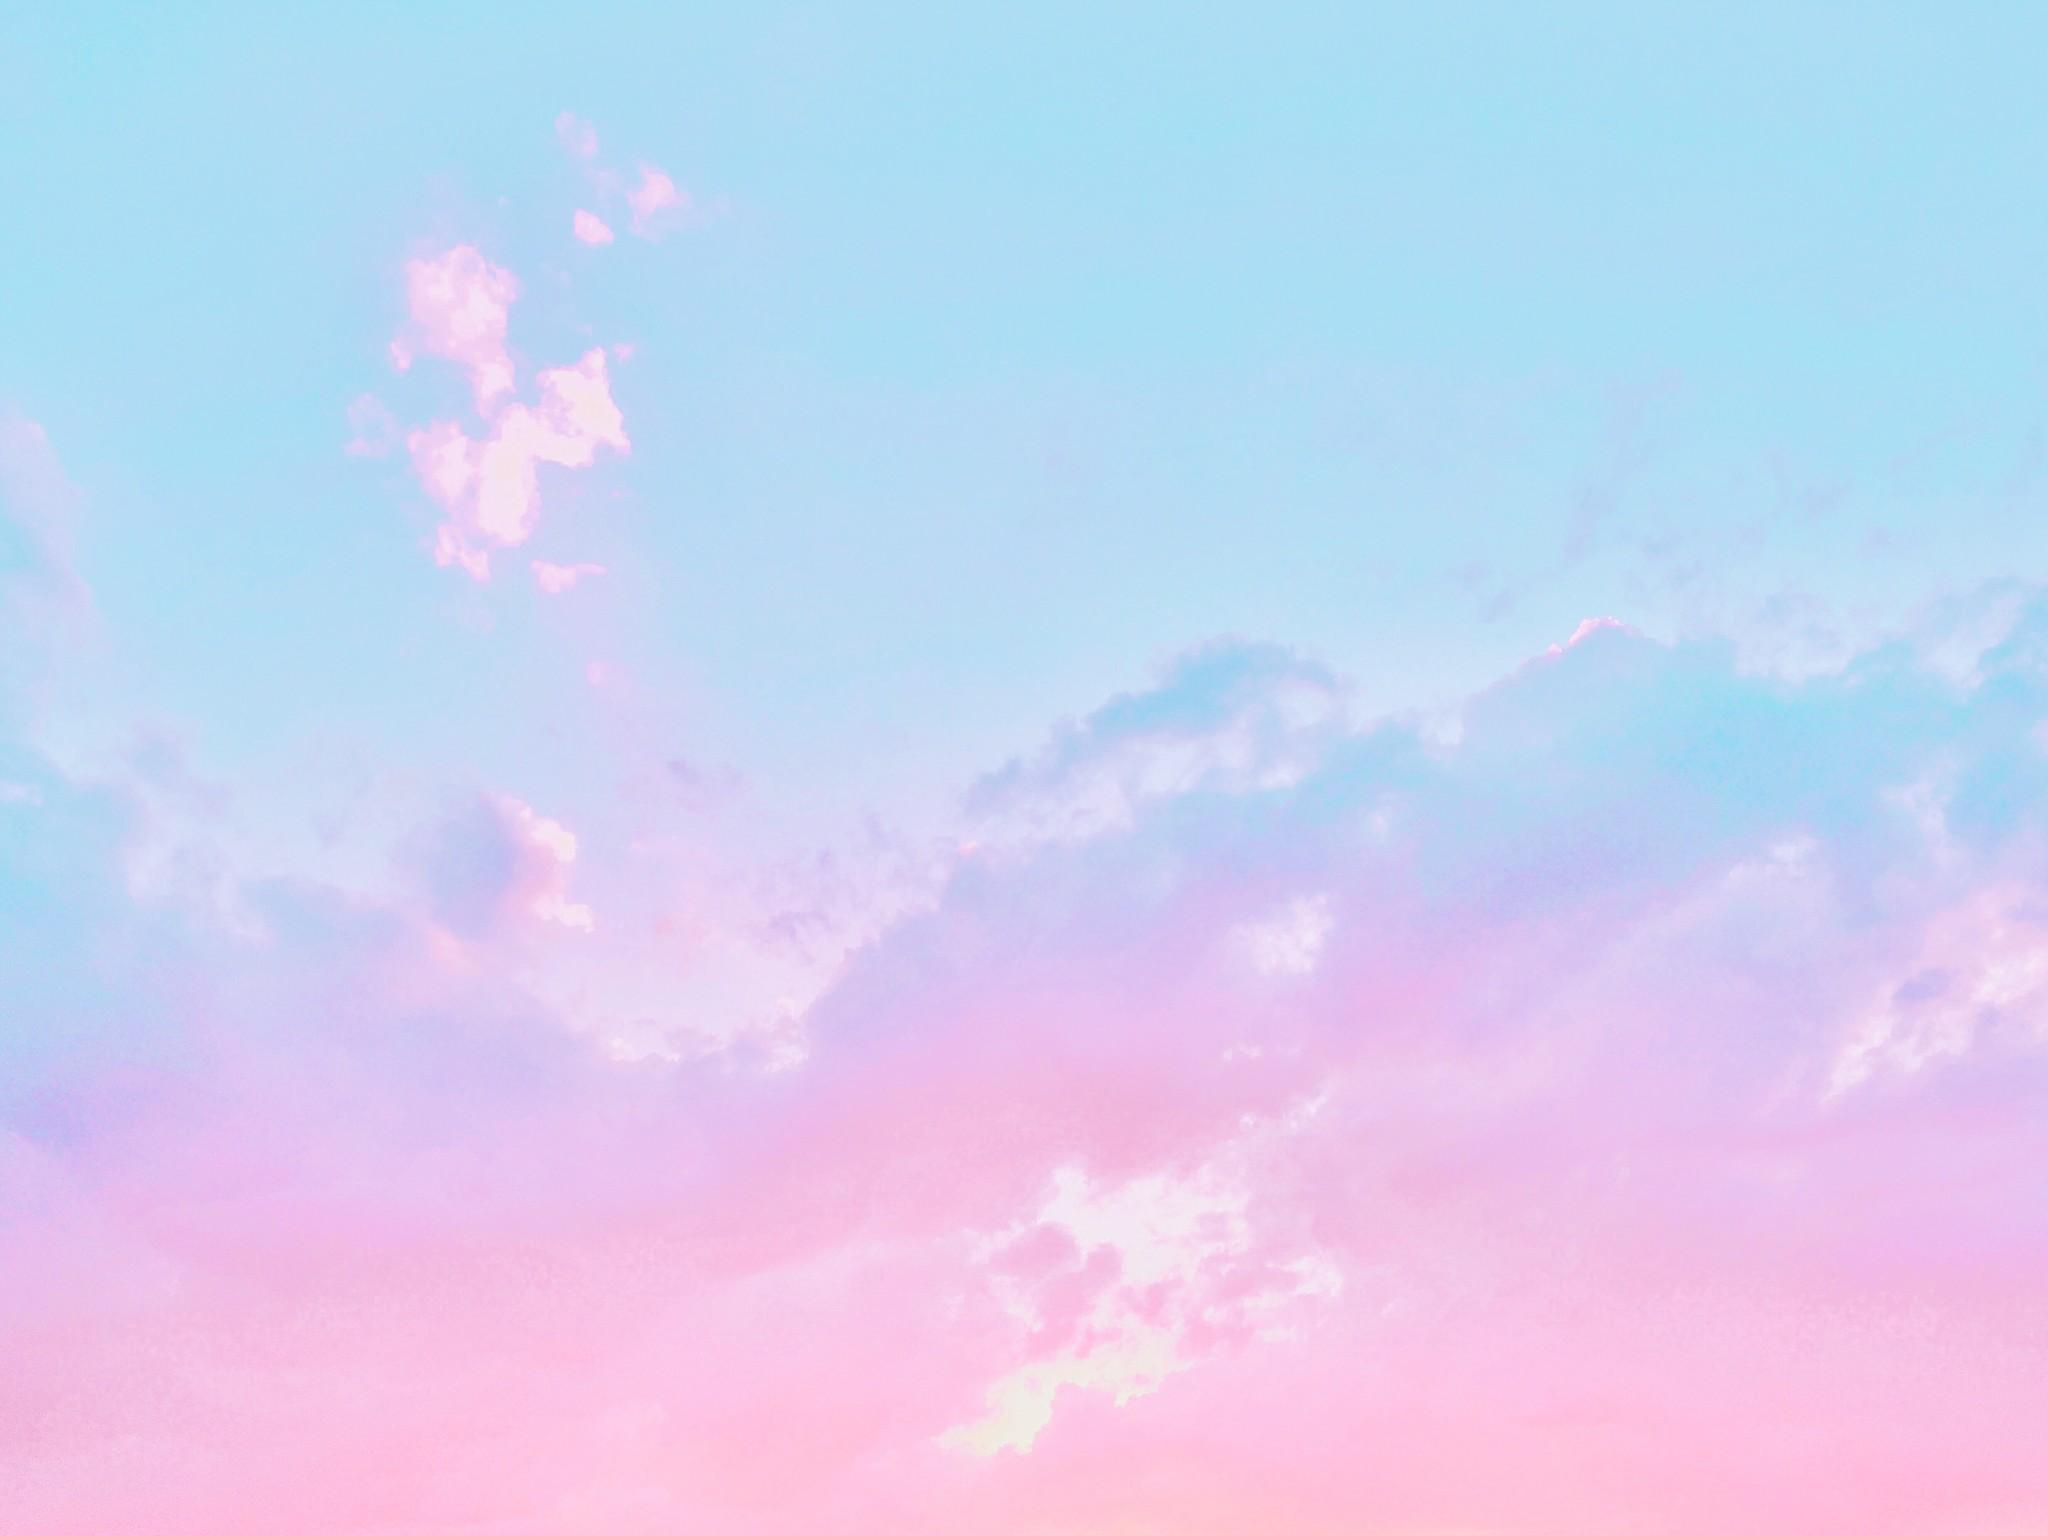 ファンシー メルヘン パステル系フリー背景画像 無料素材 Lafary